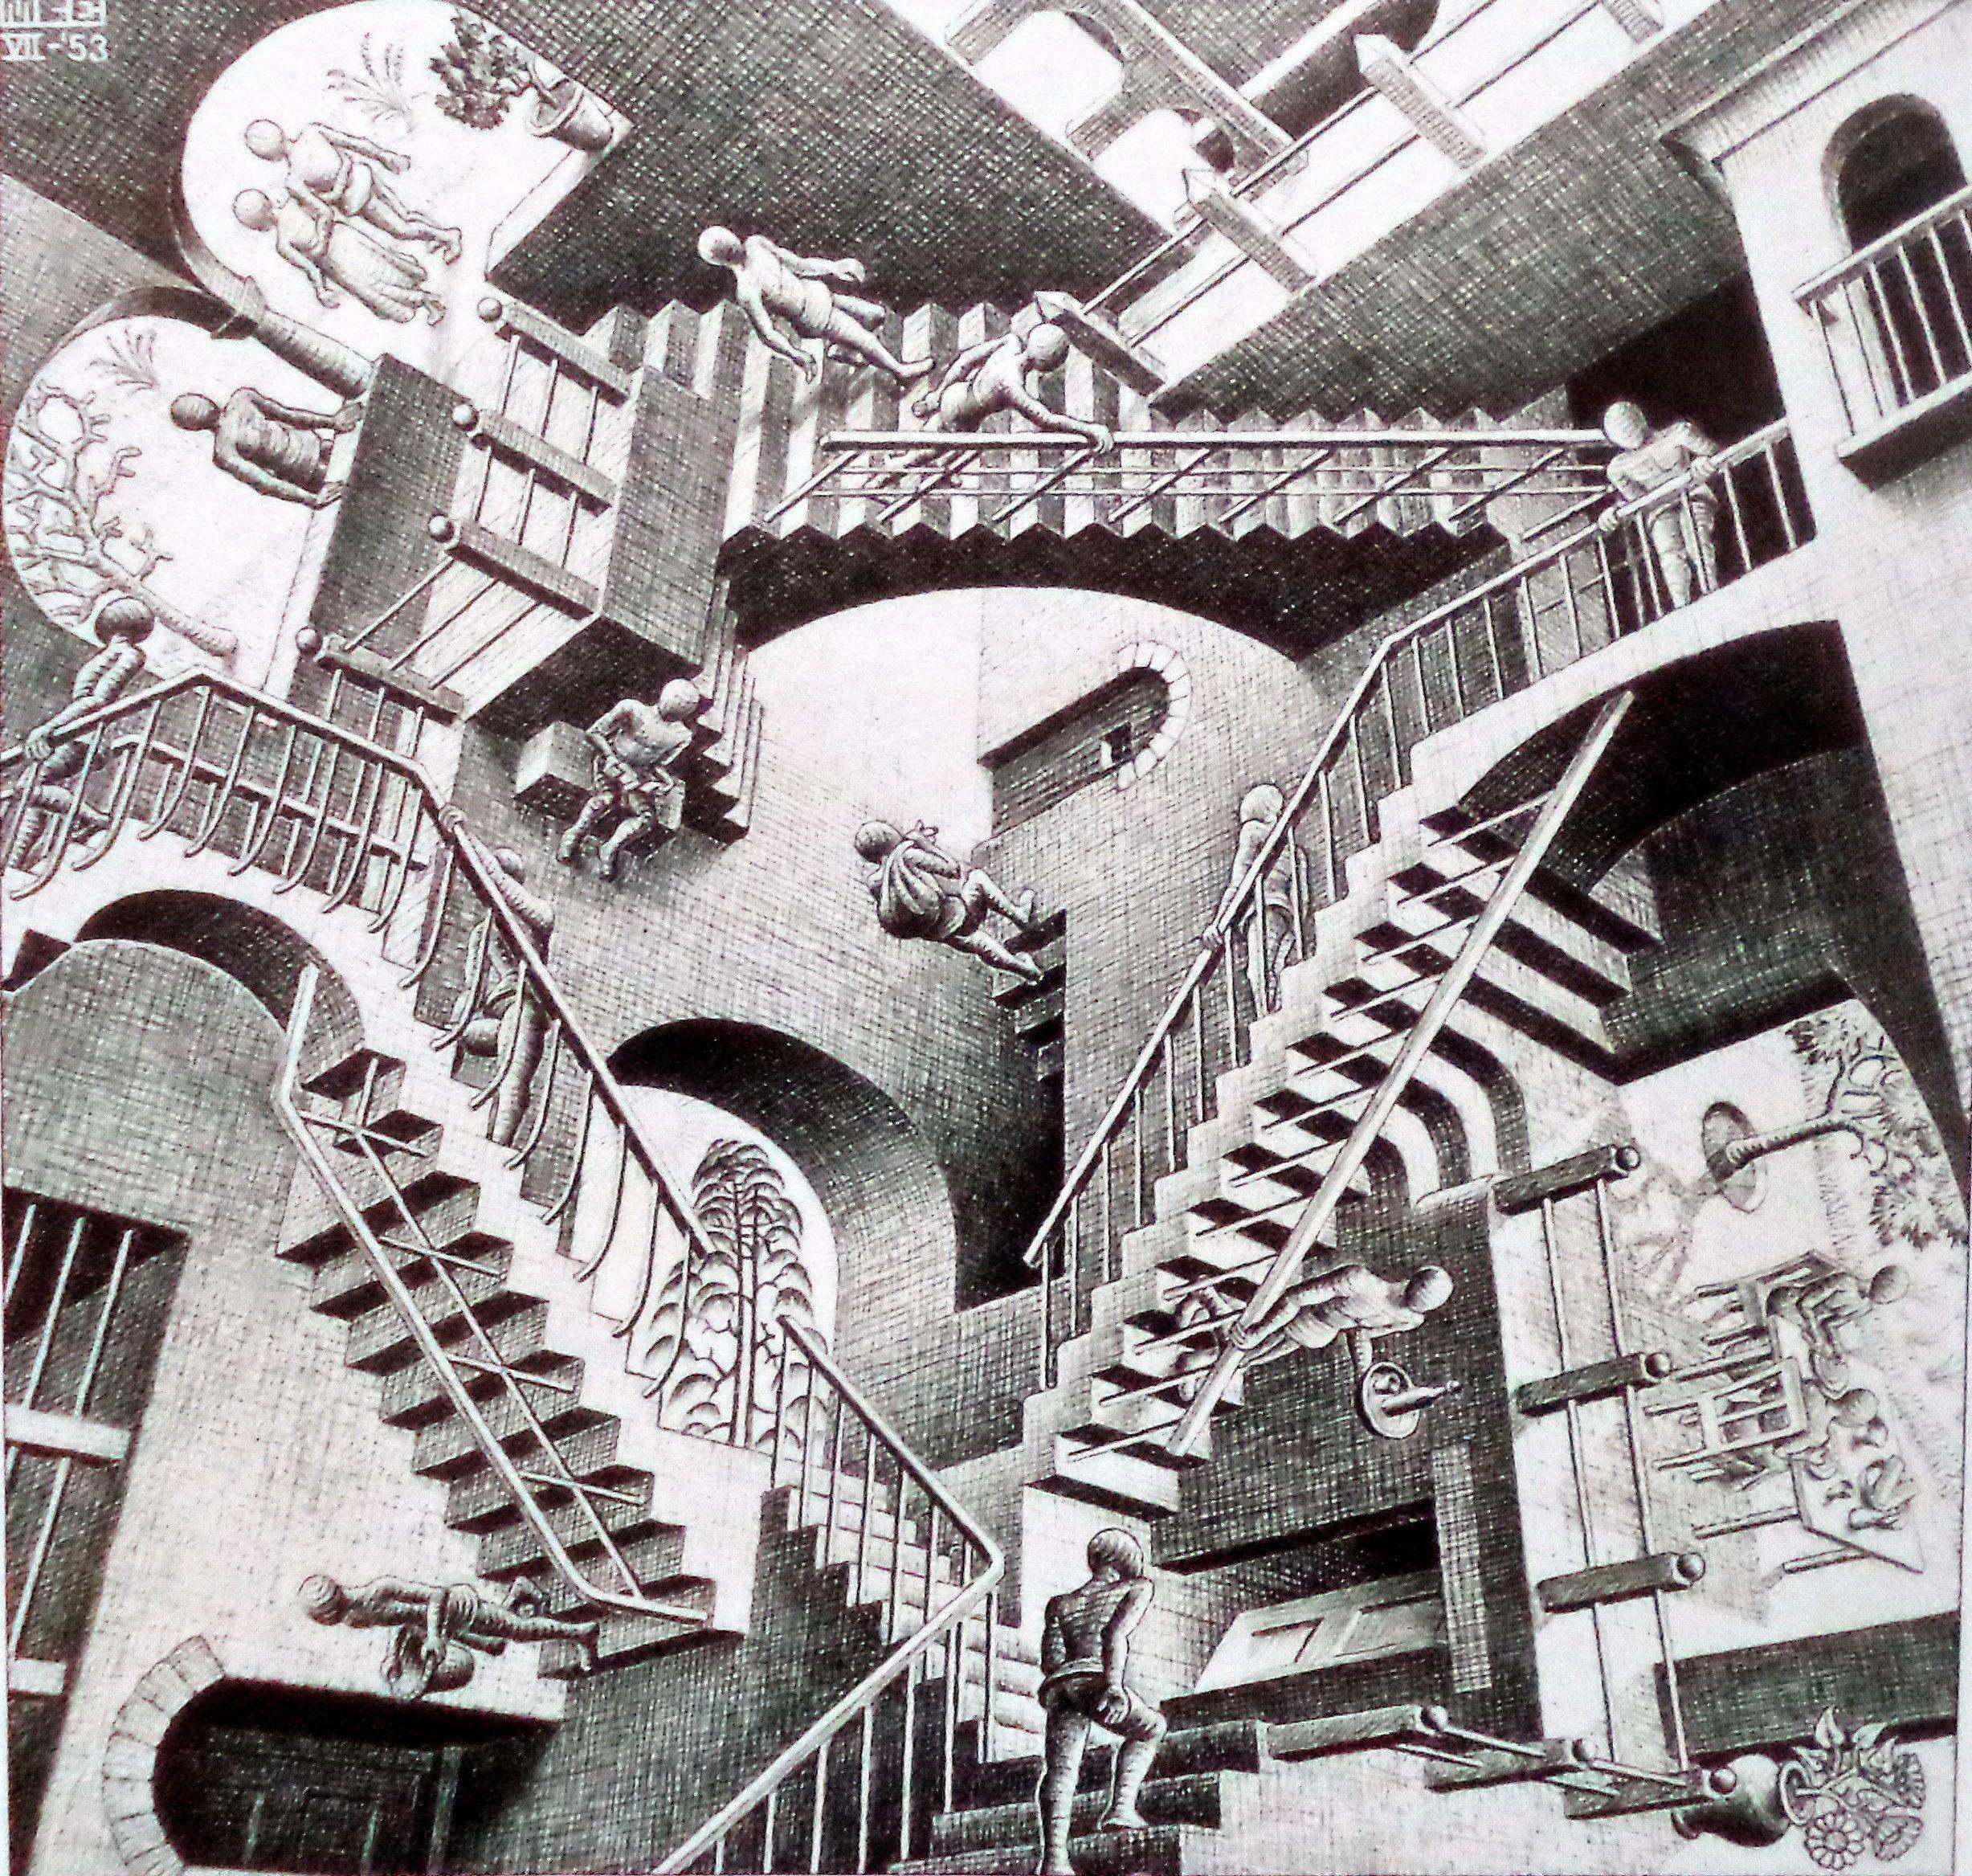 MC Escher /'Print Gallery/' FINE ART PRINT Escher Art Surreal High Quality